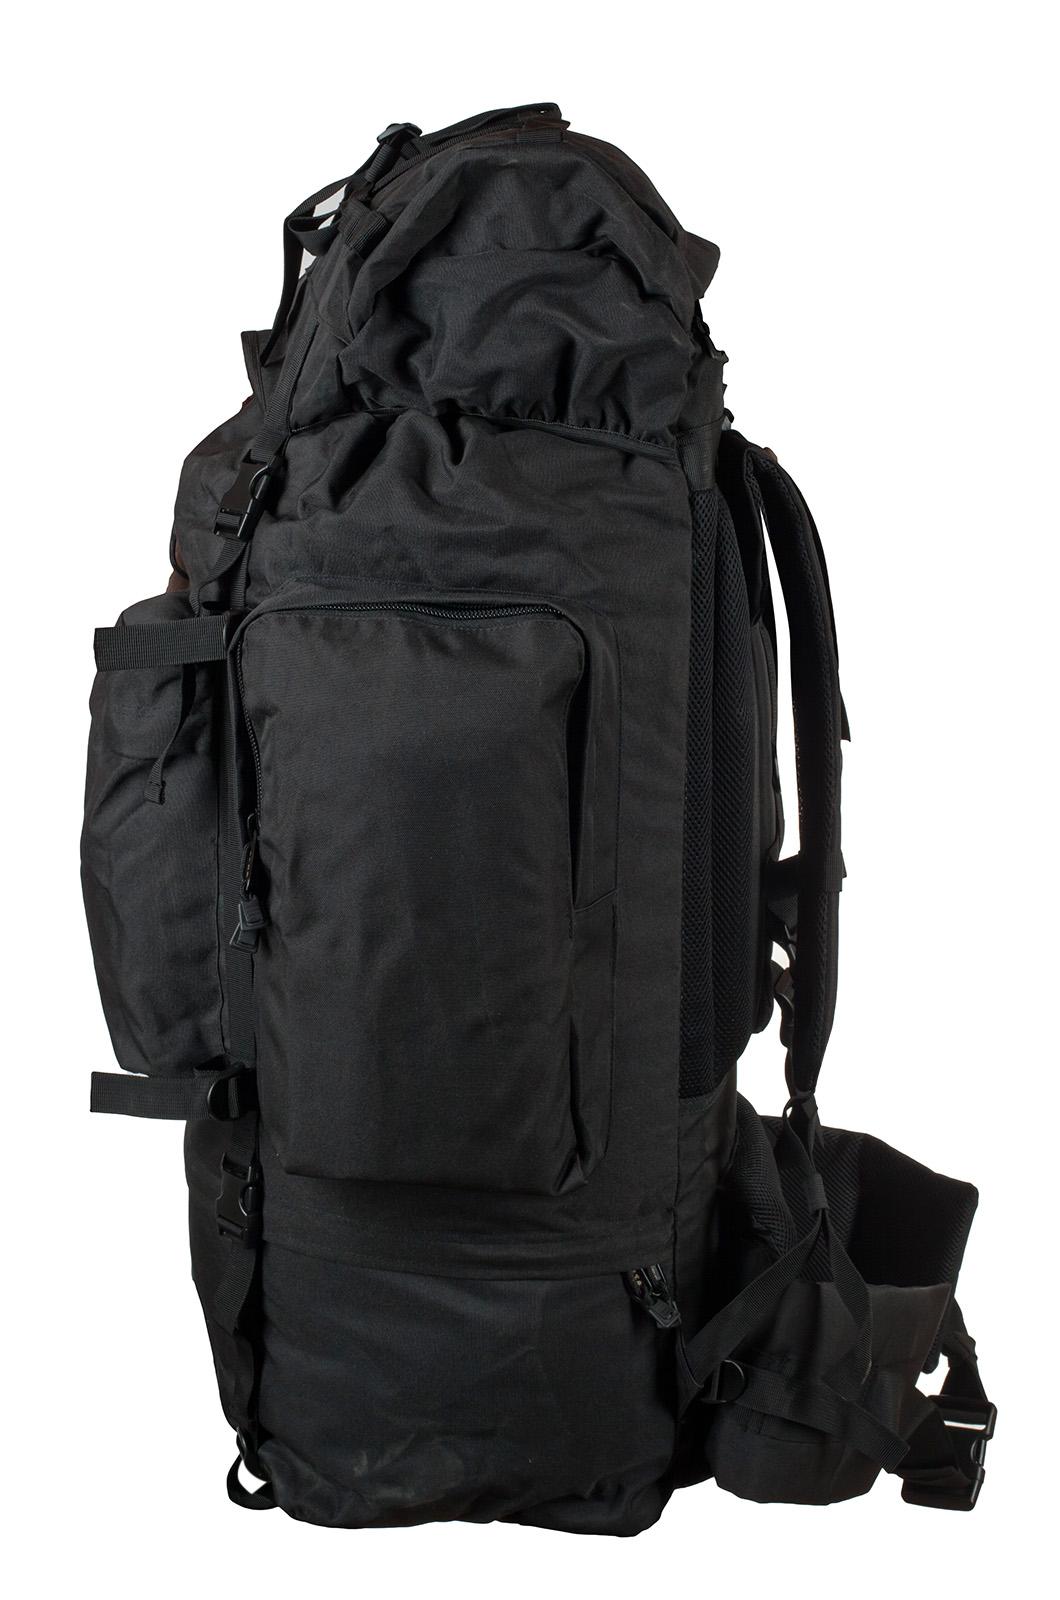 Многодневный черный рюкзак МВД Max Fuchs - купить по низкой цене